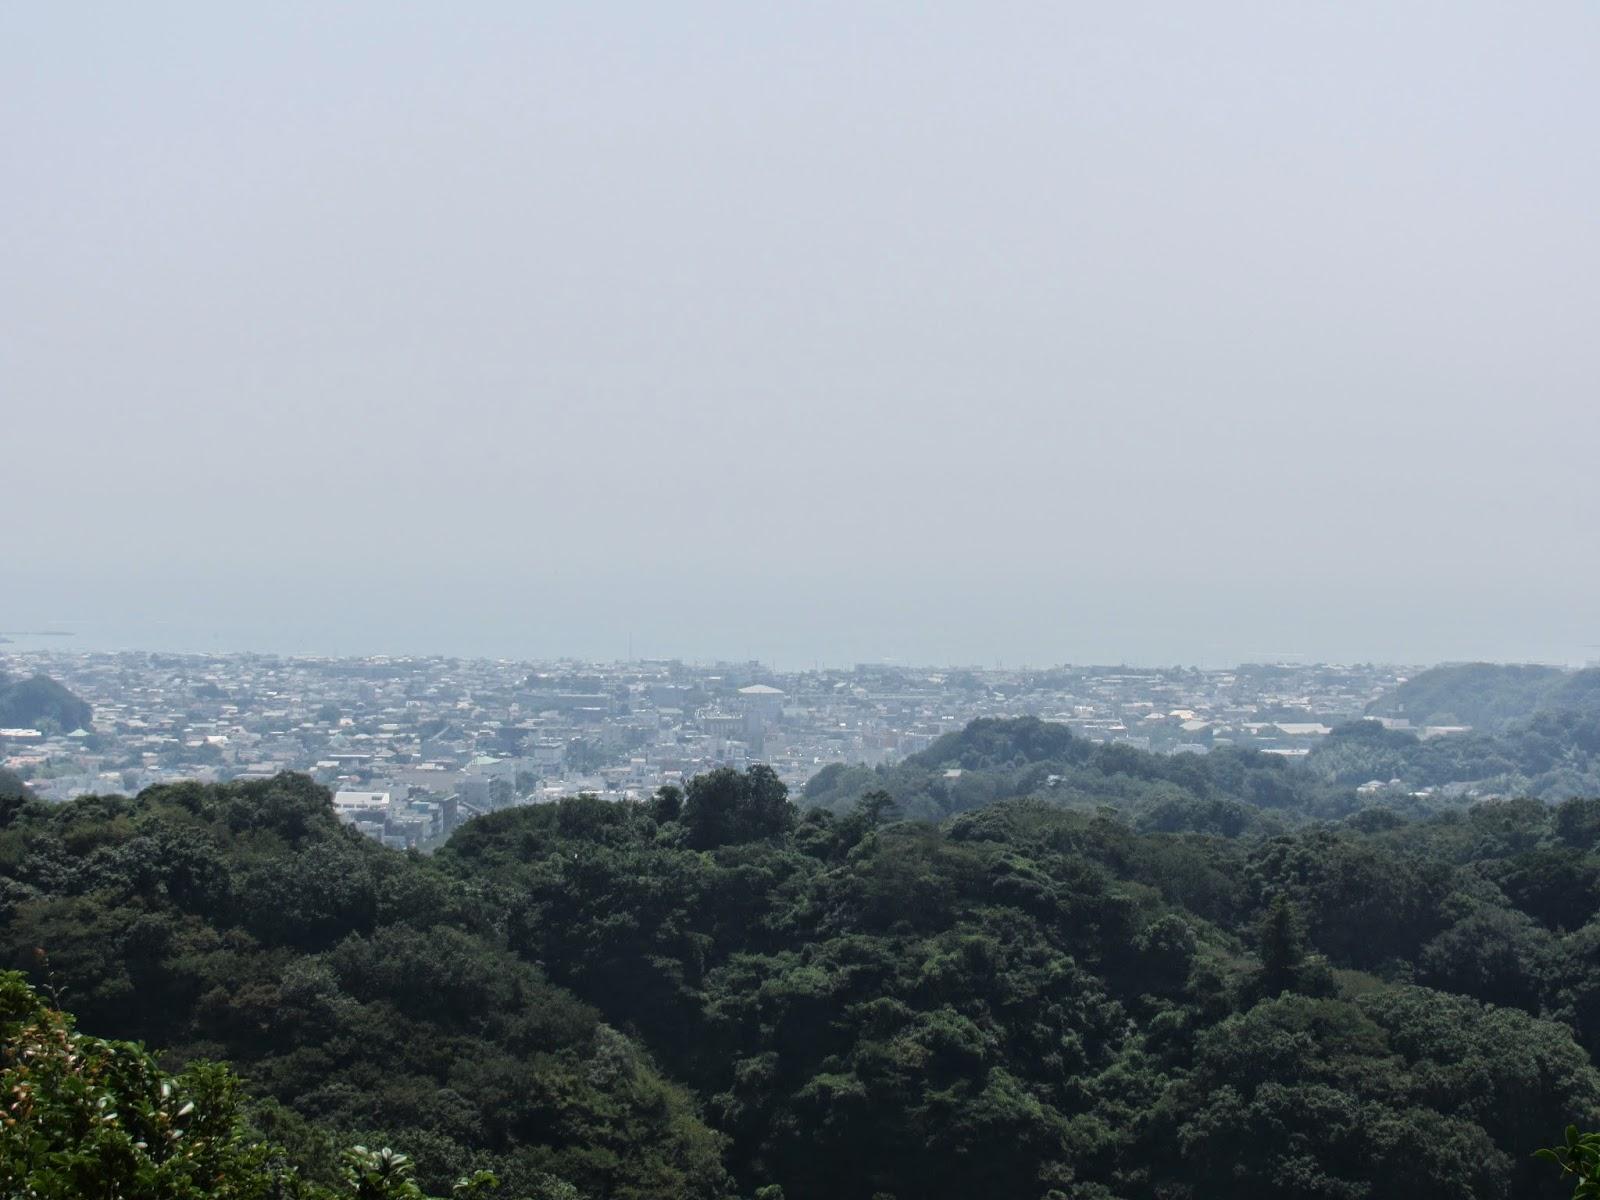 Lo que se veia desde lo mas arriba en el monte que estaba situado en el templo Kenchō-ji.